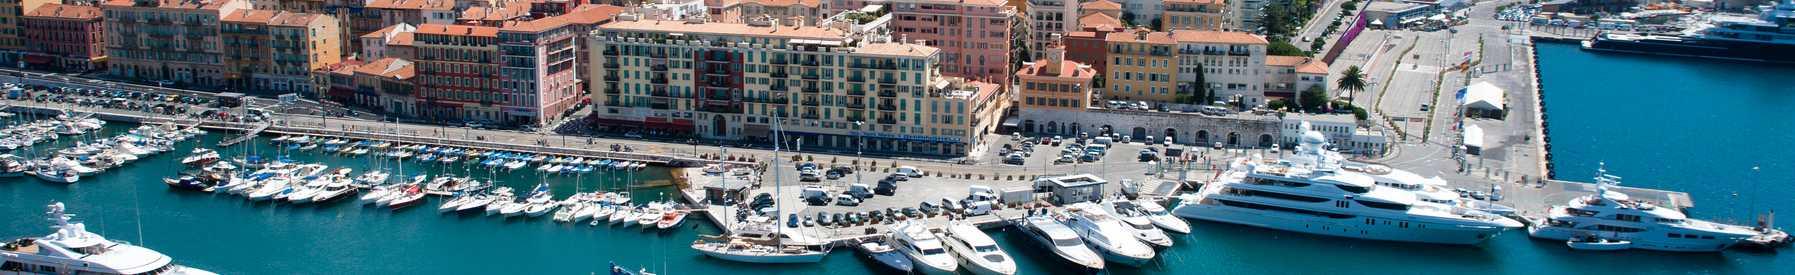 R server un parking au stade allianz riviera nice pour l - Parking port nice ...